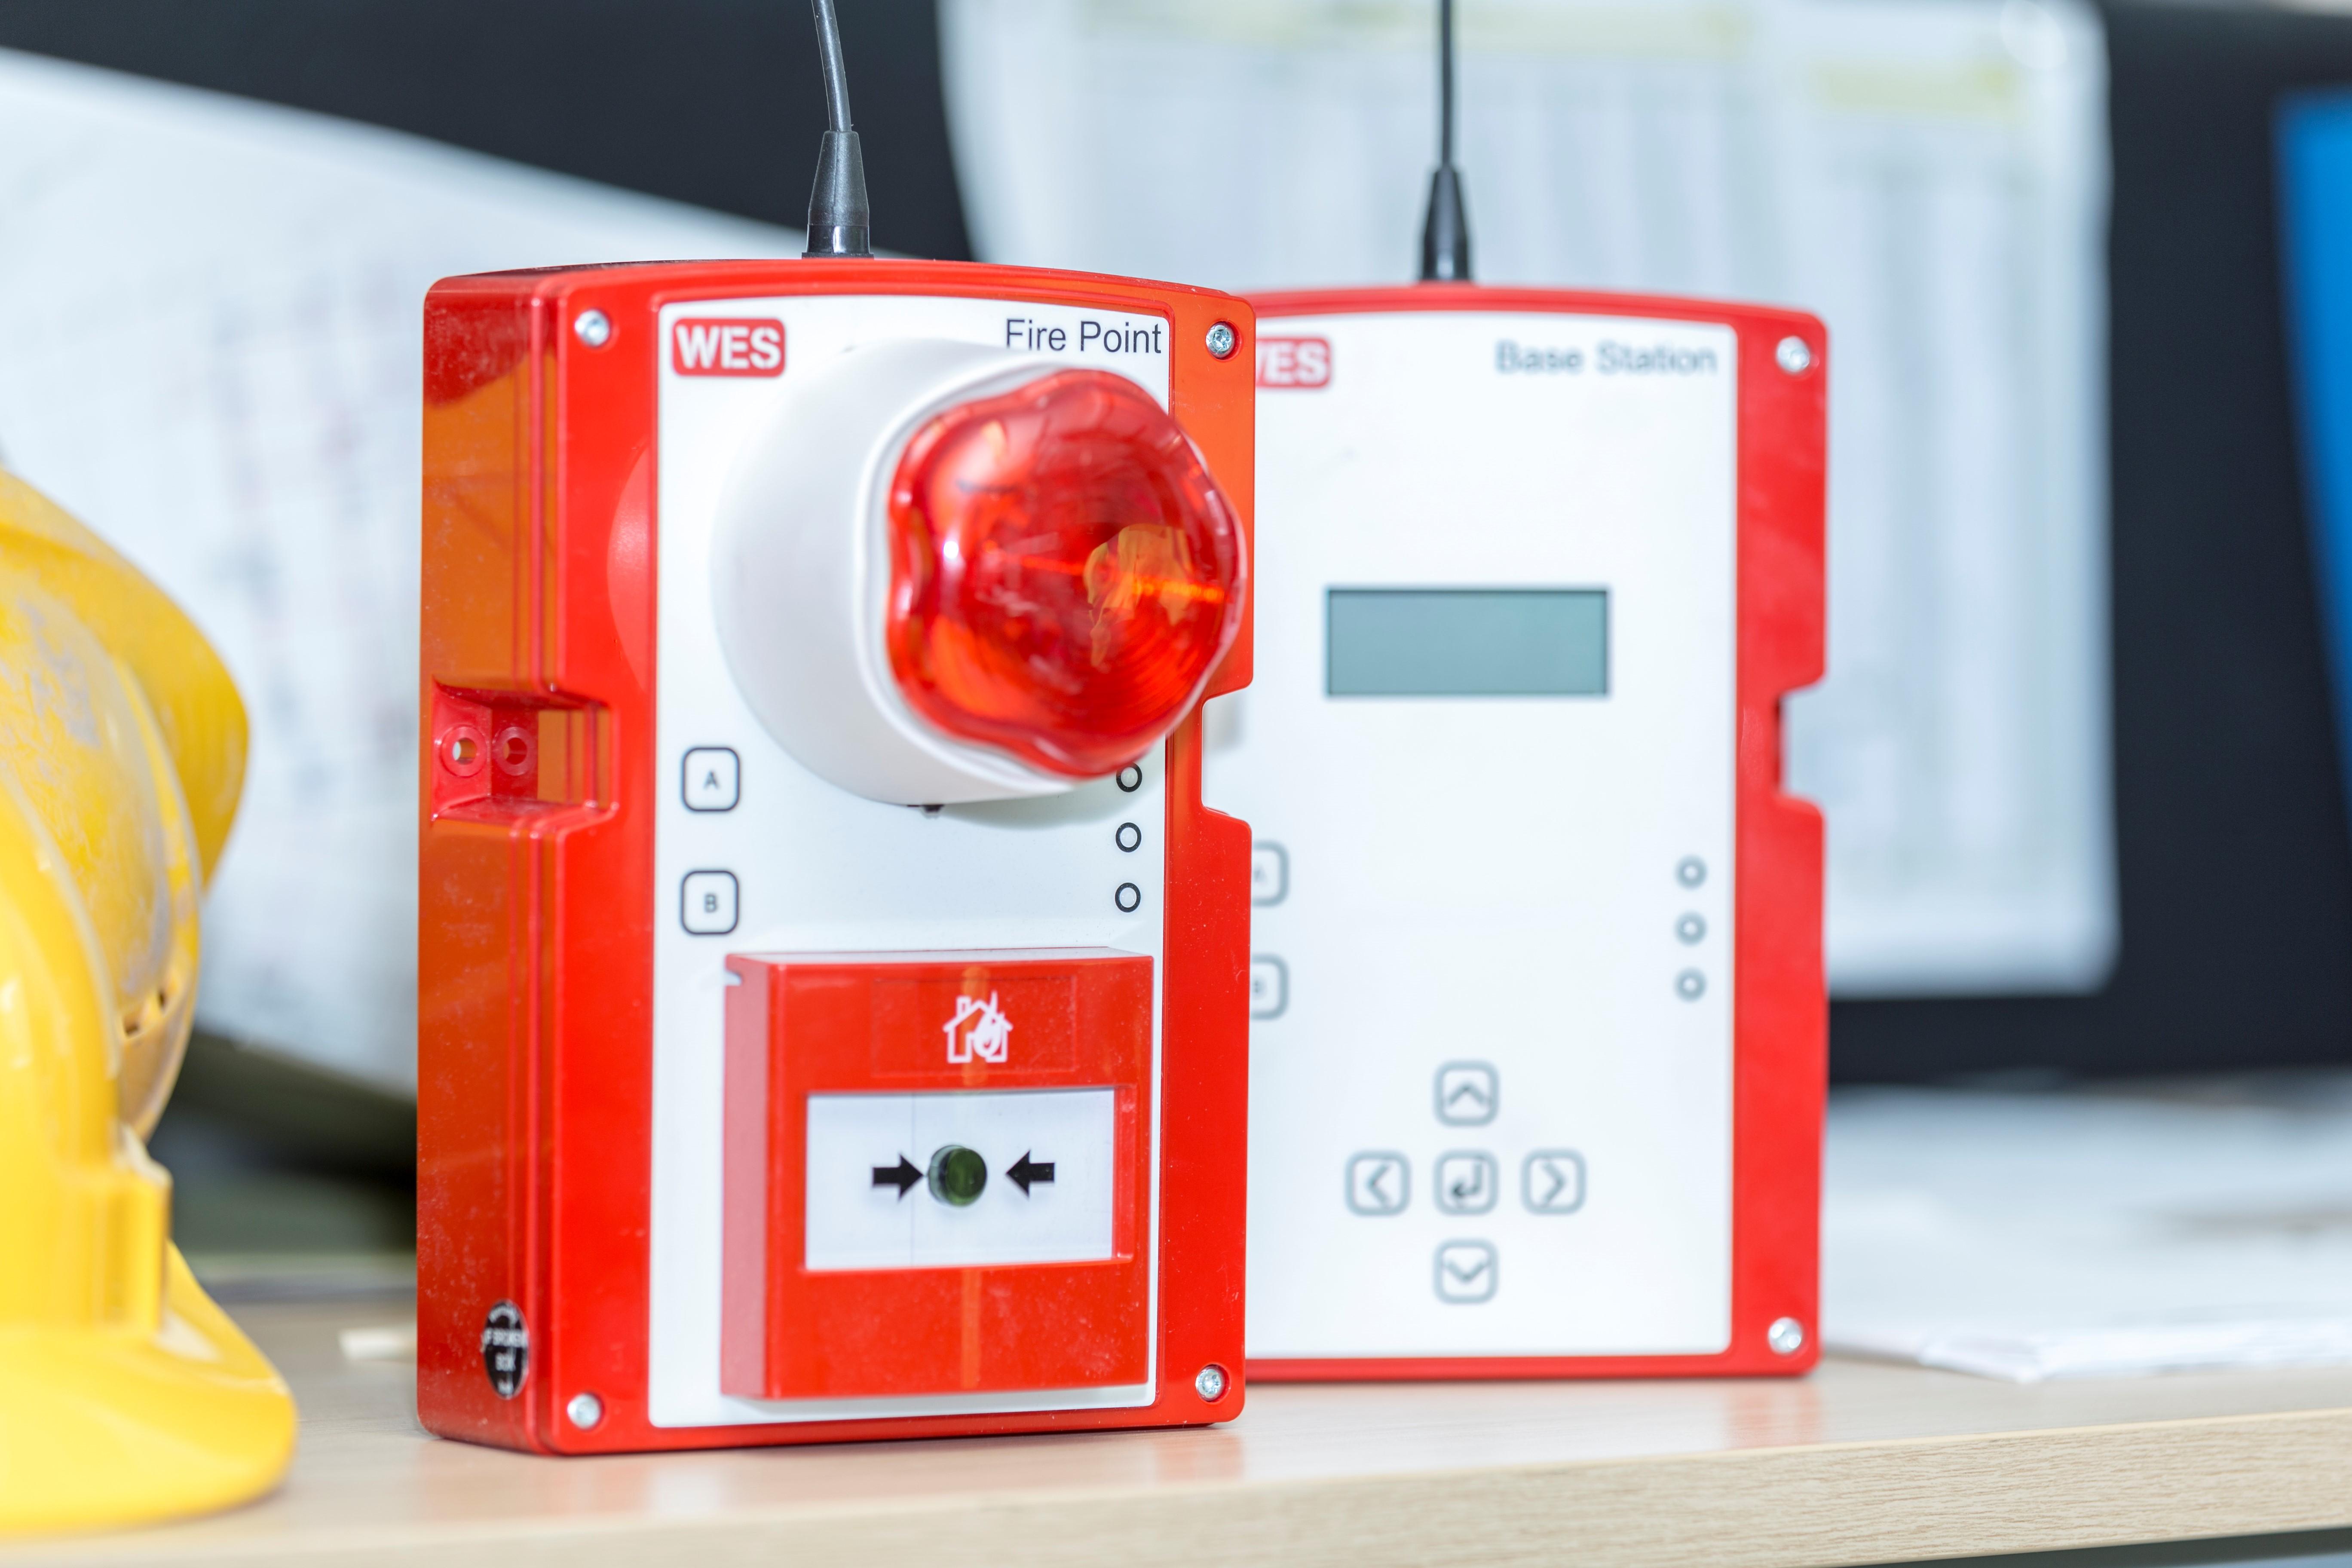 Veidekke og Prosjekt Oset tester mobilt varslingssystem for brann og evakuering fra Norgem AS